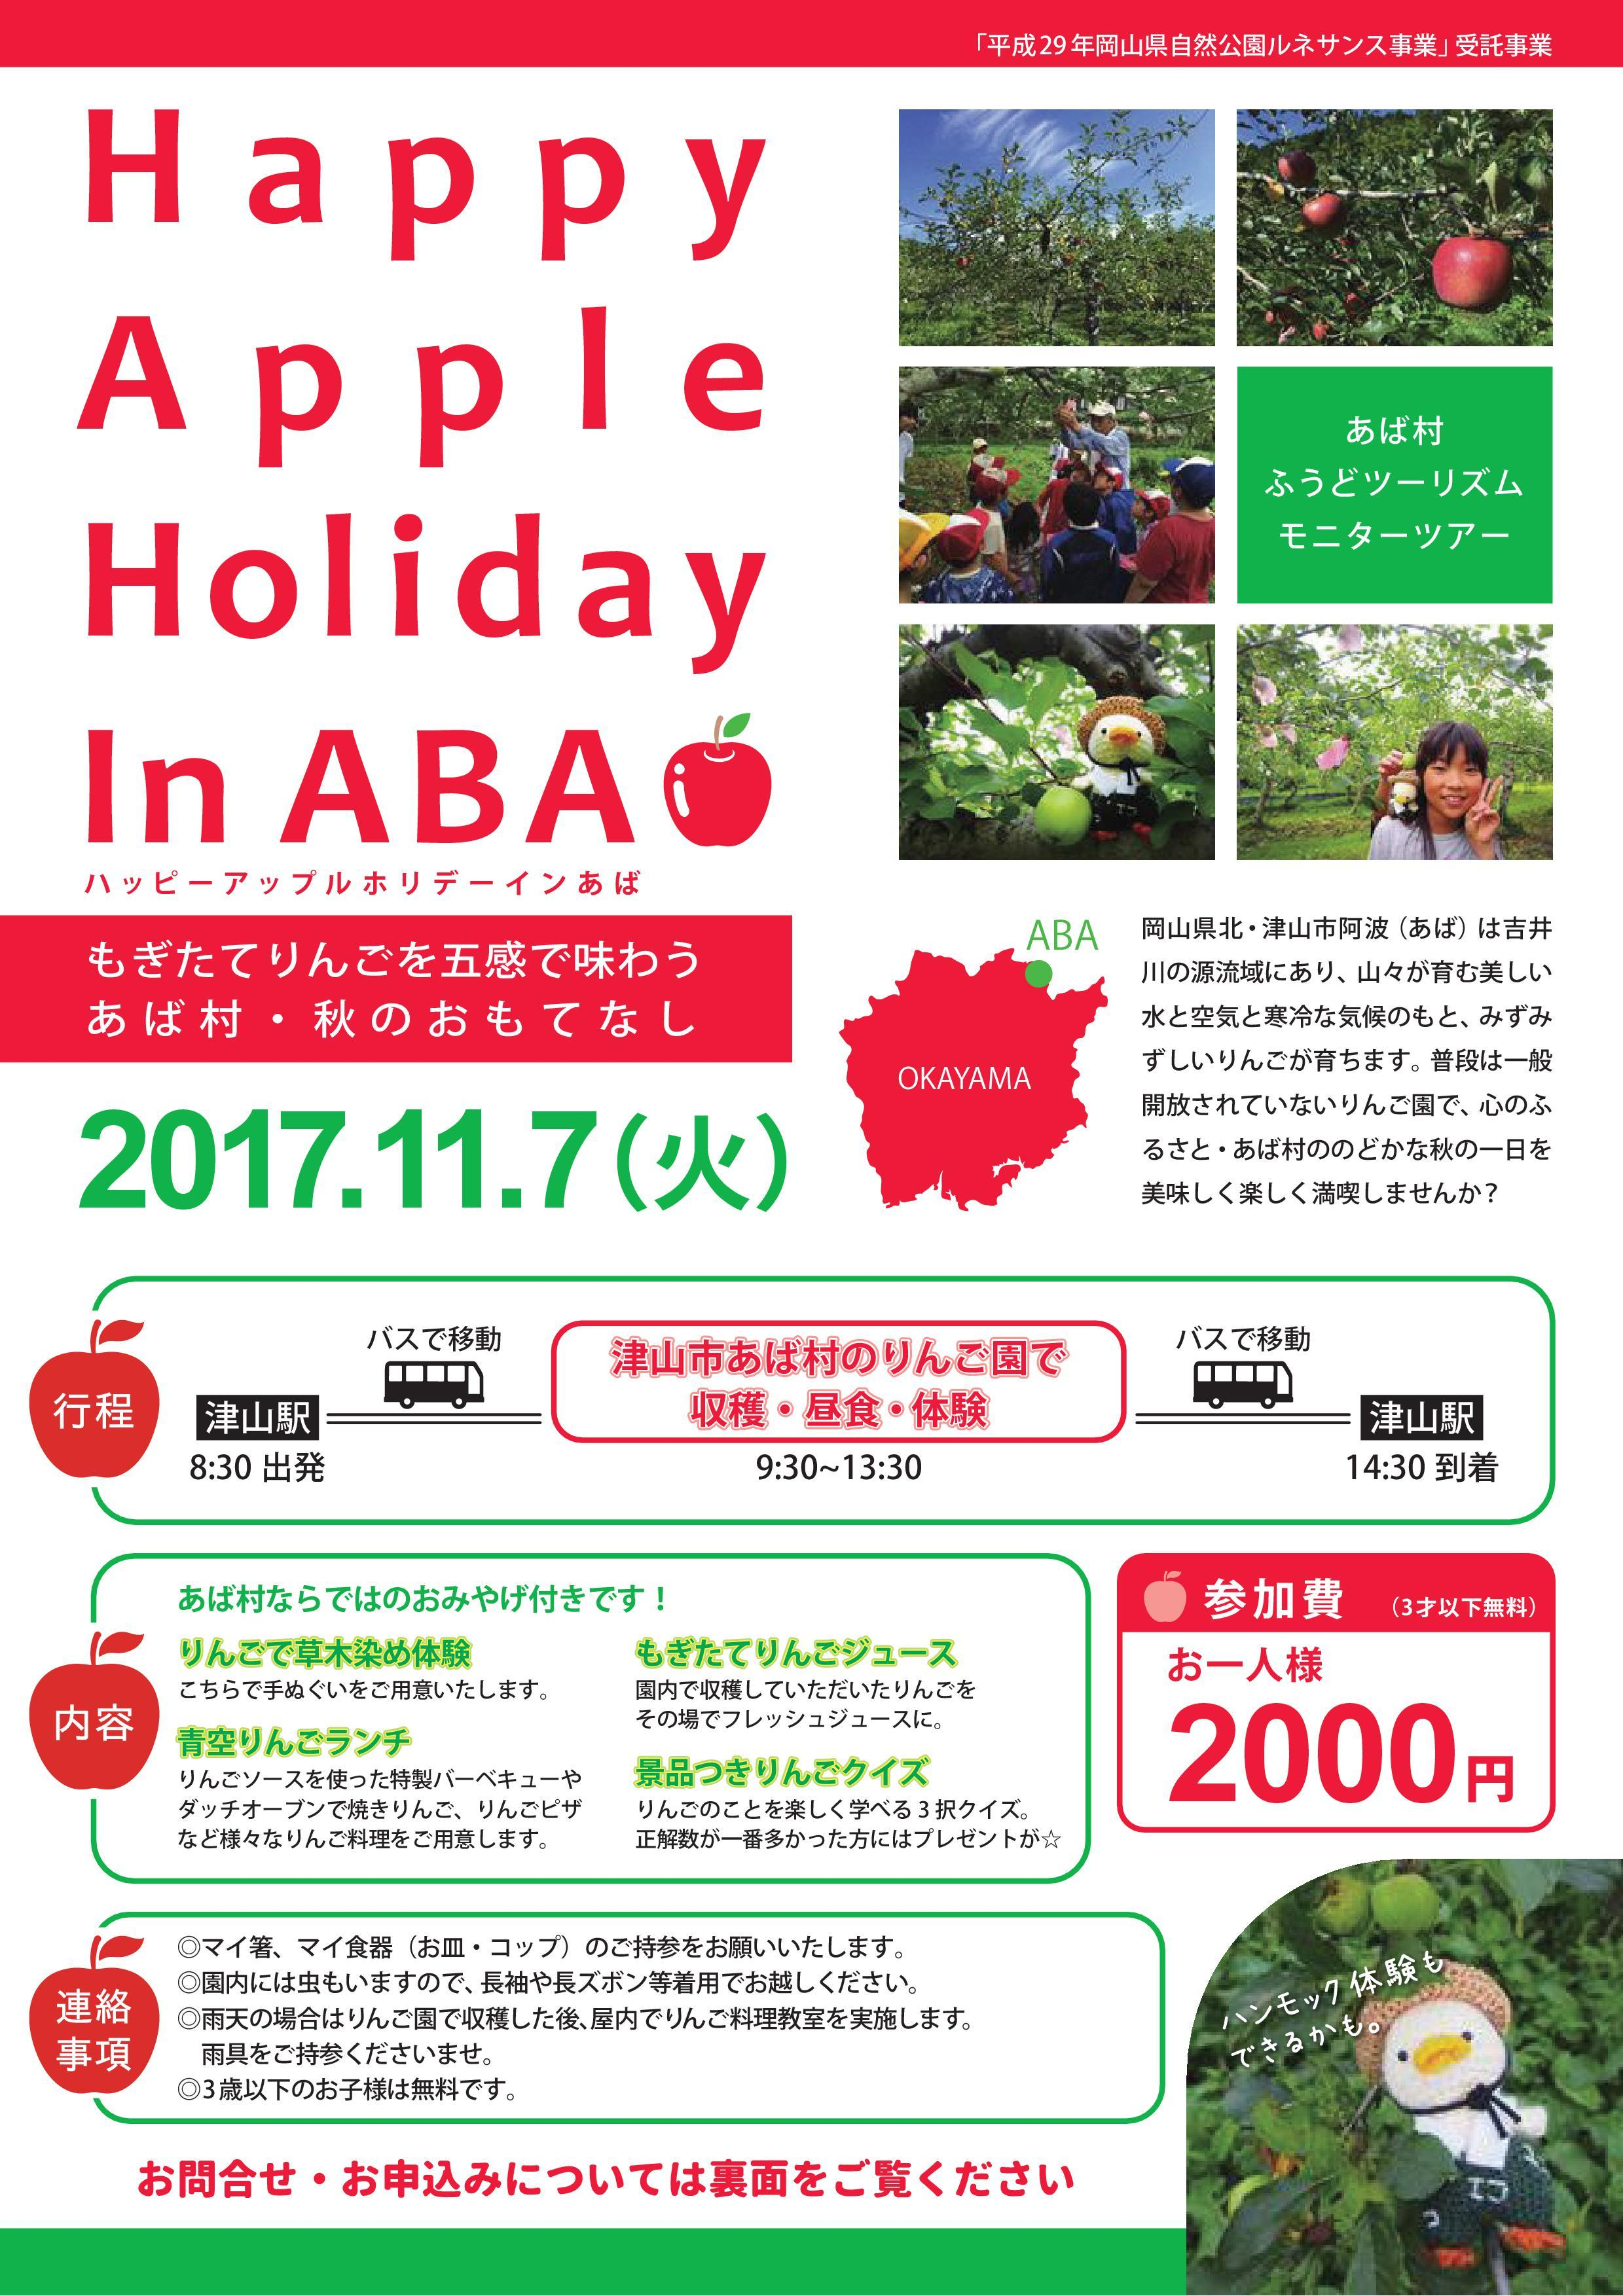 2017年11月7日(火)ハッピーアップルホリデーインあば 開催のお知らせ